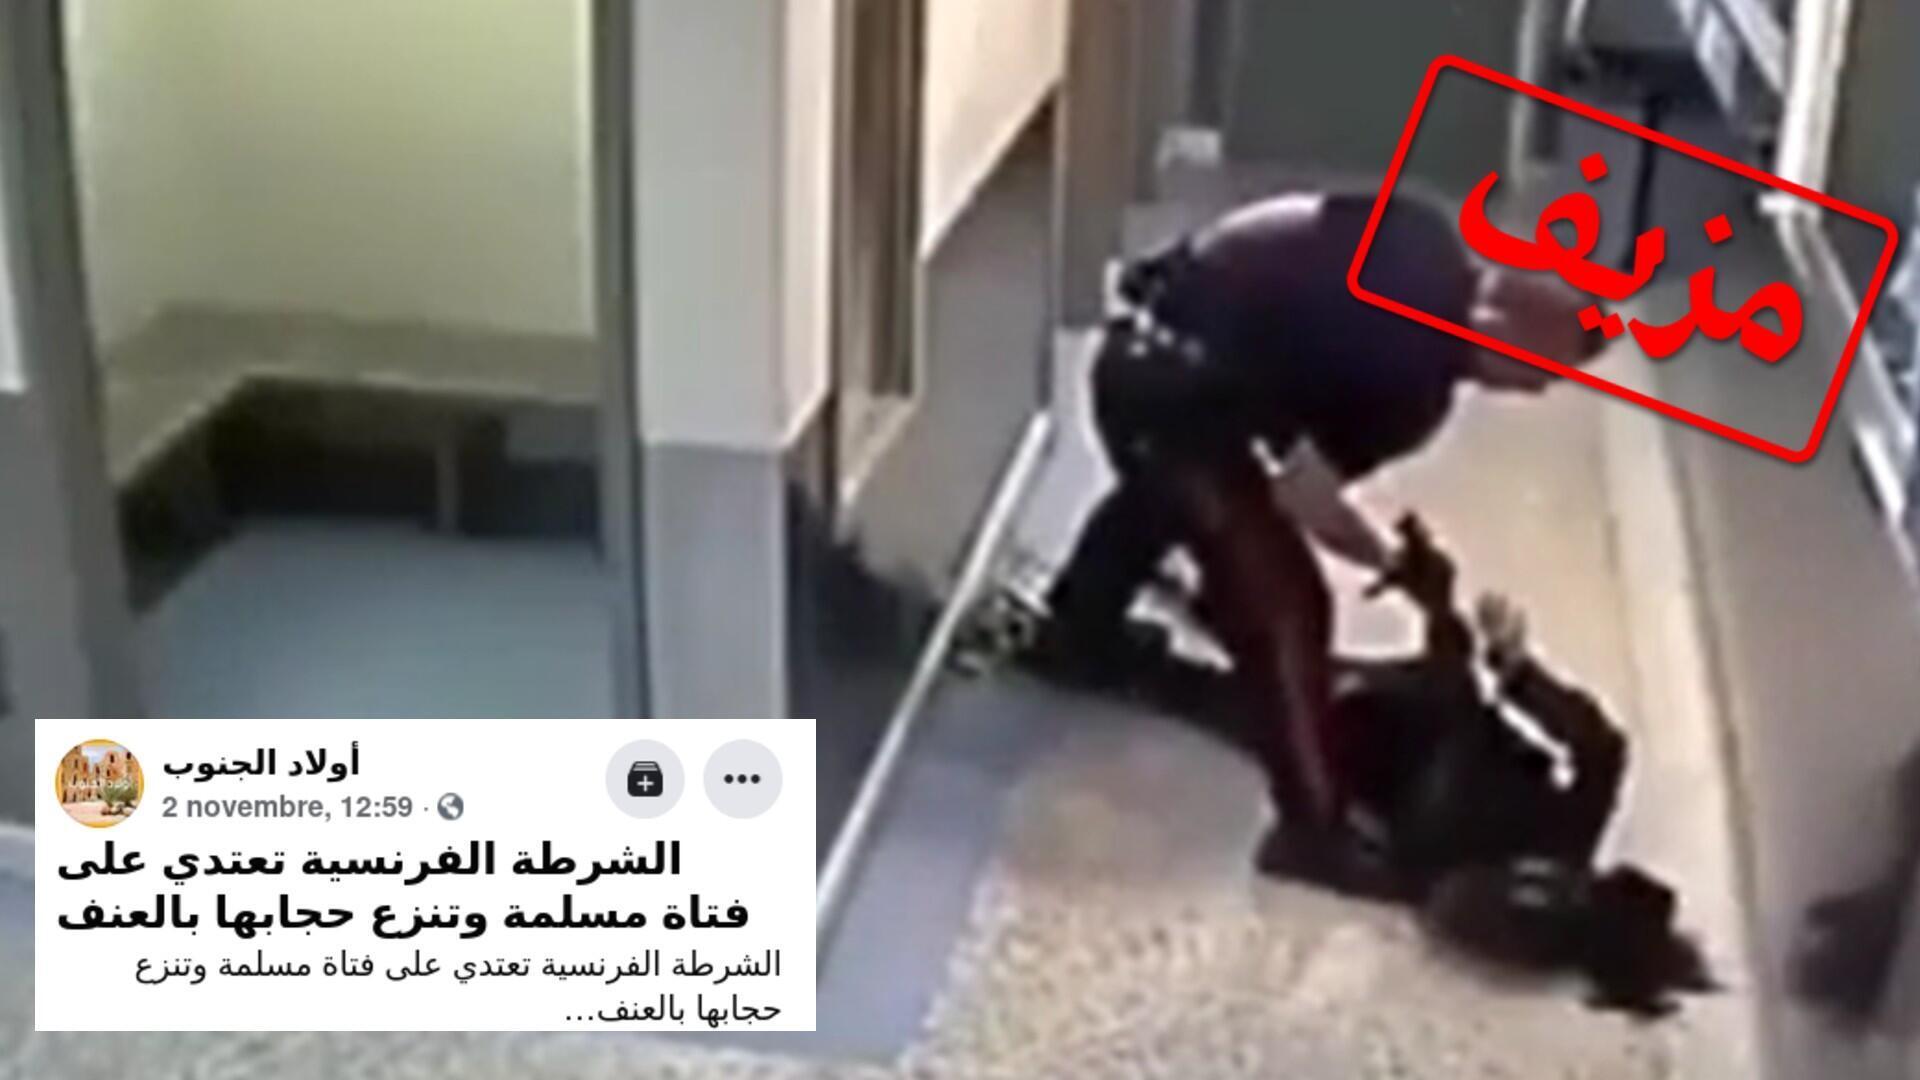 صورة شاشة من فيديو كاميرا مراقبة نشر منذ 27 أكتوبر/تشرين الأول و يزعم أنه يظهر شرطيا فرنسيا يعنف فتاة مسلمة.